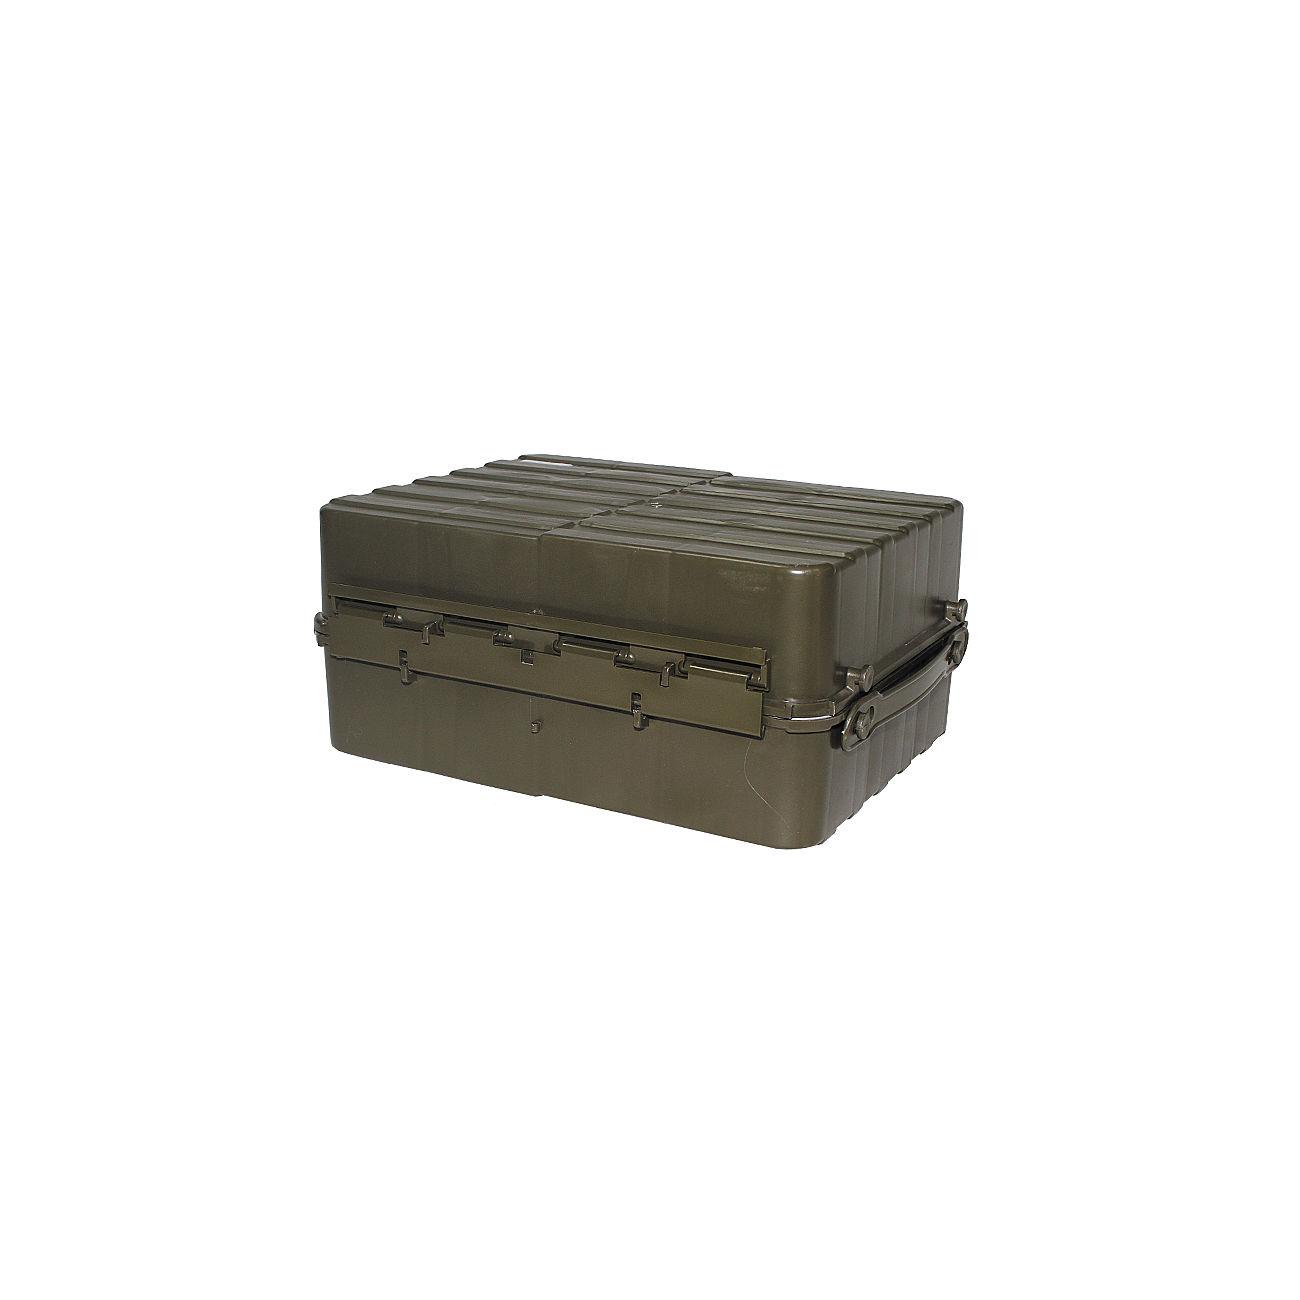 Wolldecke Norwegische Armee : Mfh norwegische transportbox oliv kotte zeller